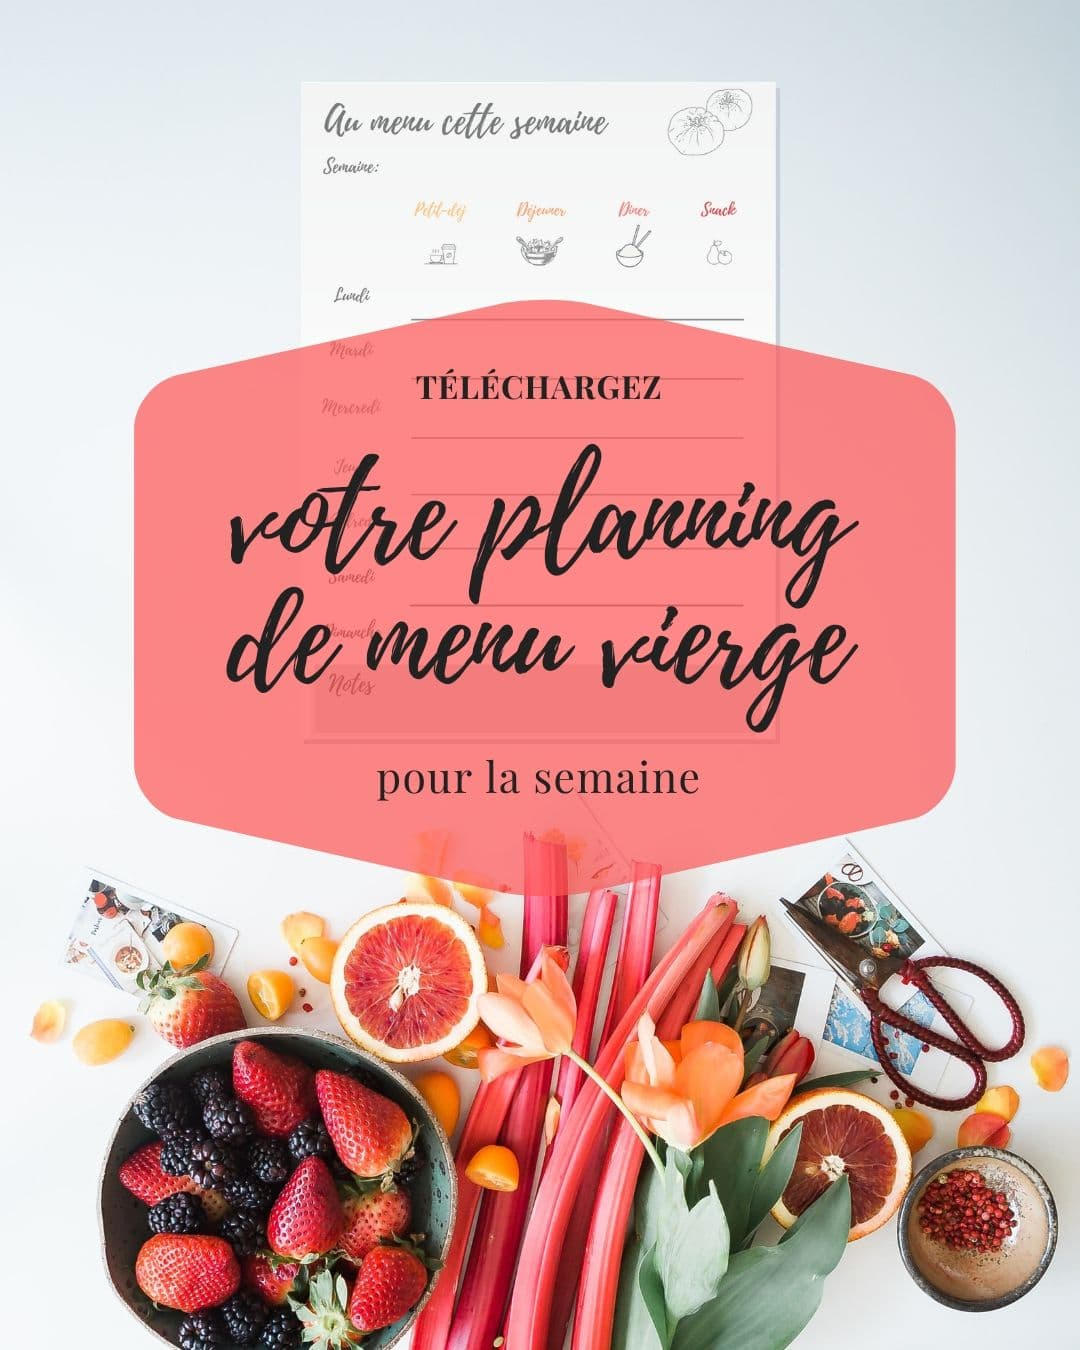 Votre planning de menu vierge gratuit - Les recettes de Mélanie